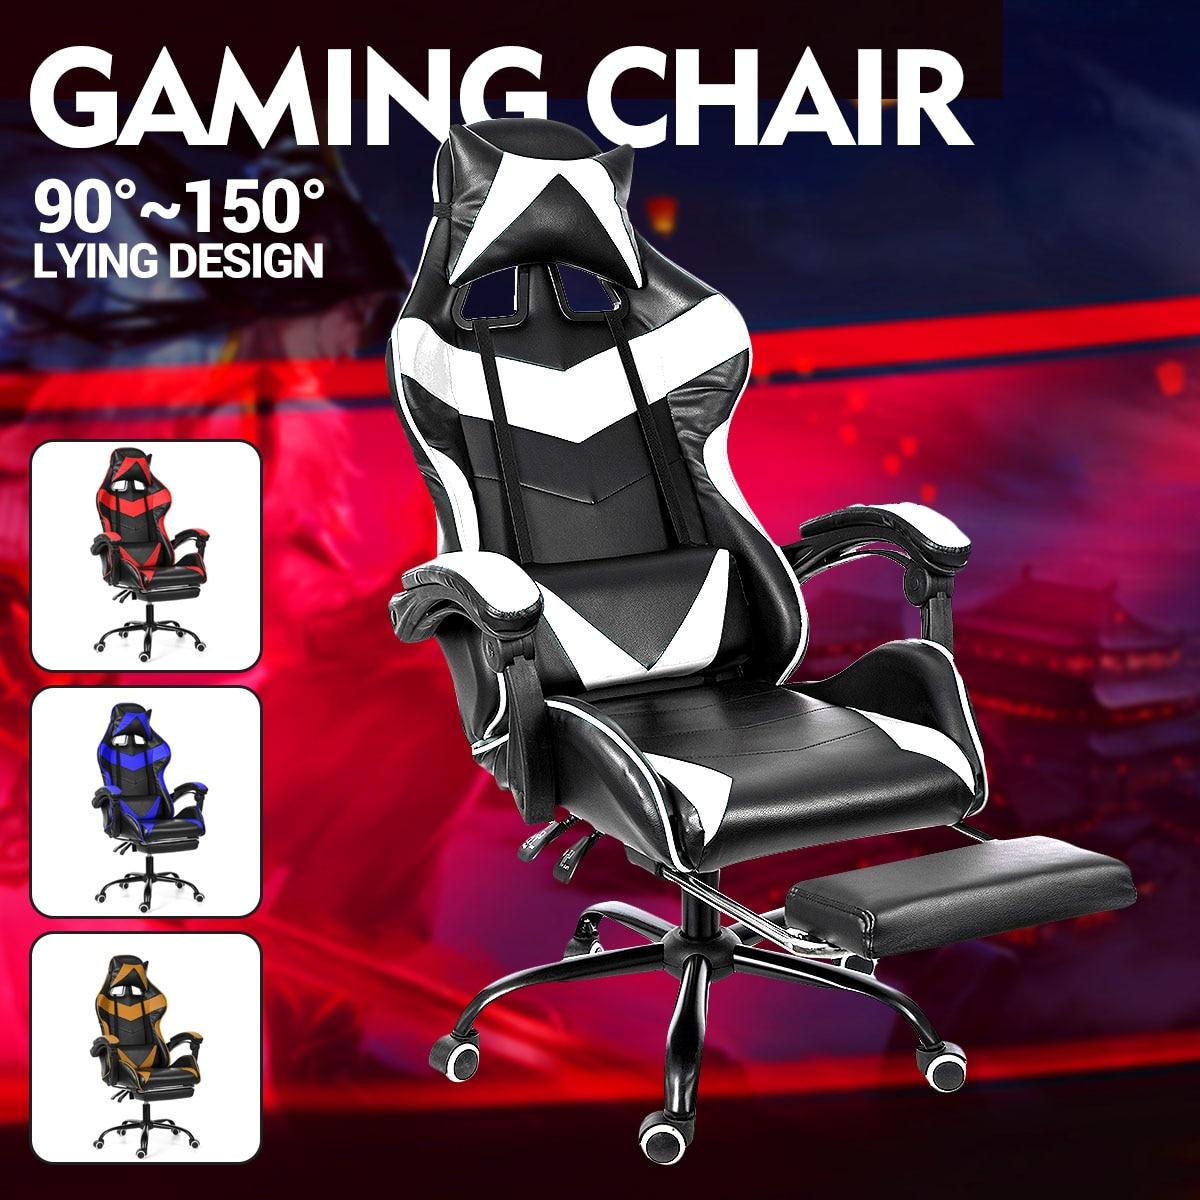 Wcg игровой стул ПВХ домашнее кресло эргономичные компьютерные стулья для офиса лифт и поворотный функция Регулируемая подставка для ног